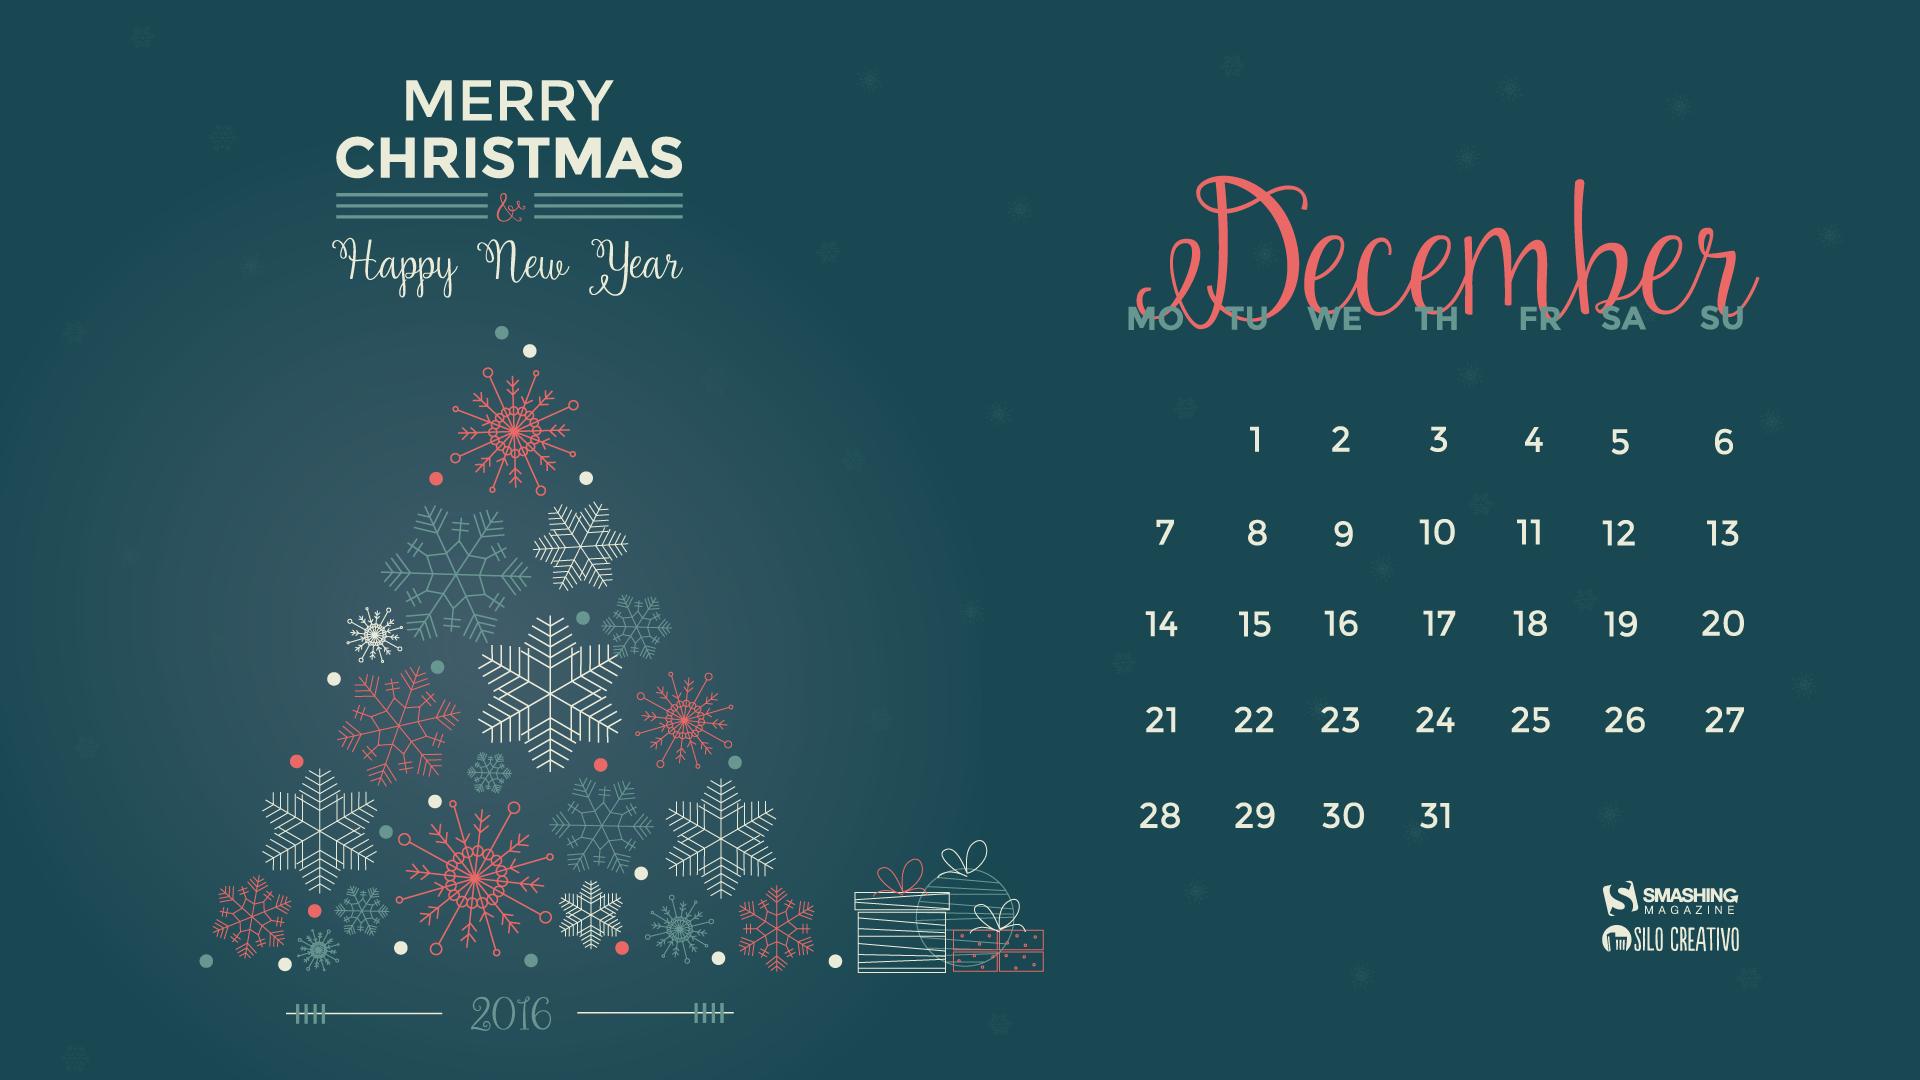 Desktop Calendar Wallpaper With Reminder : Desktop wallpaper calendar decembrie touchofadream